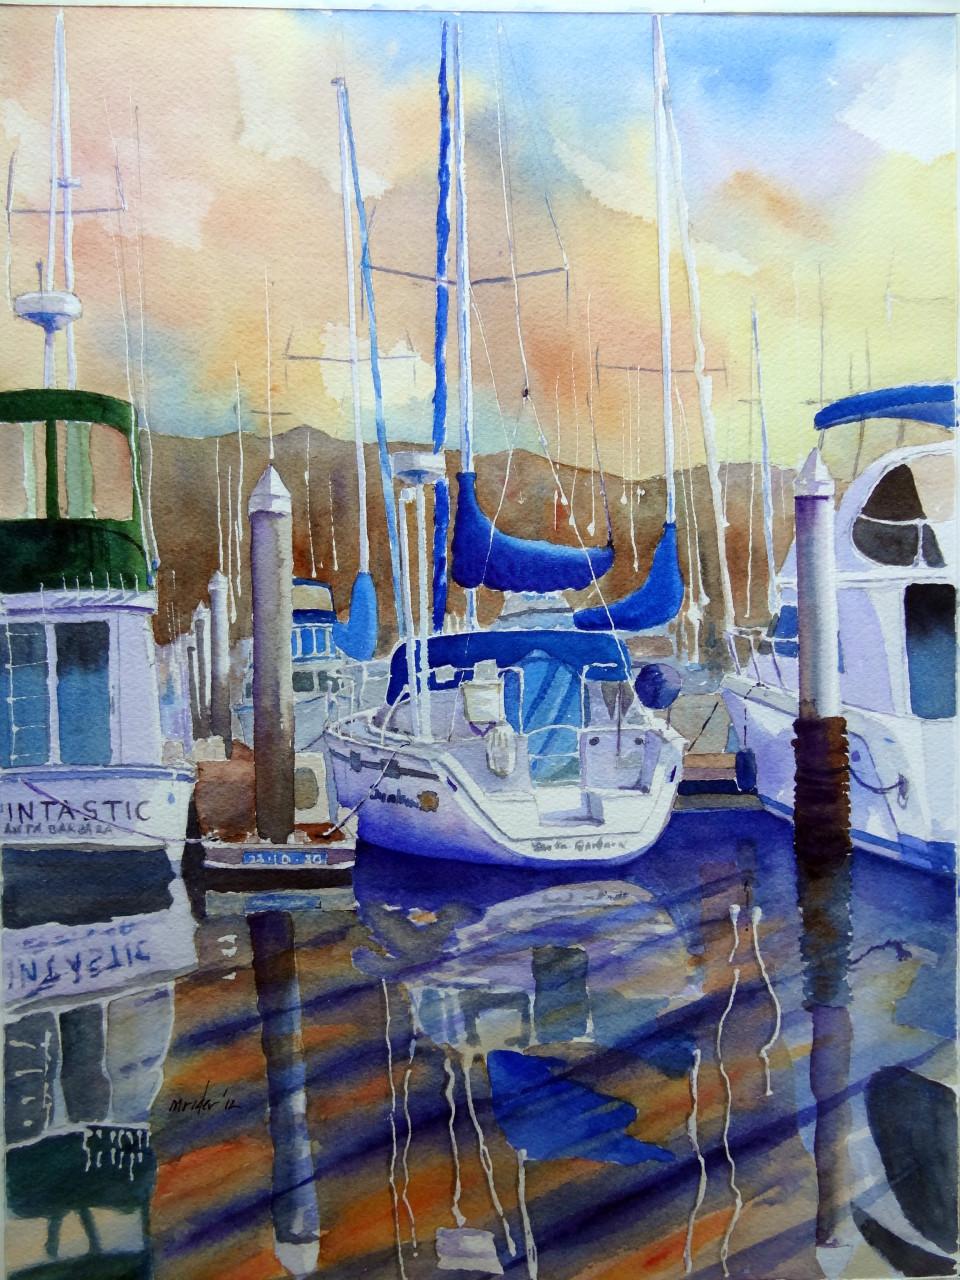 Morning Stillness in Marina 1